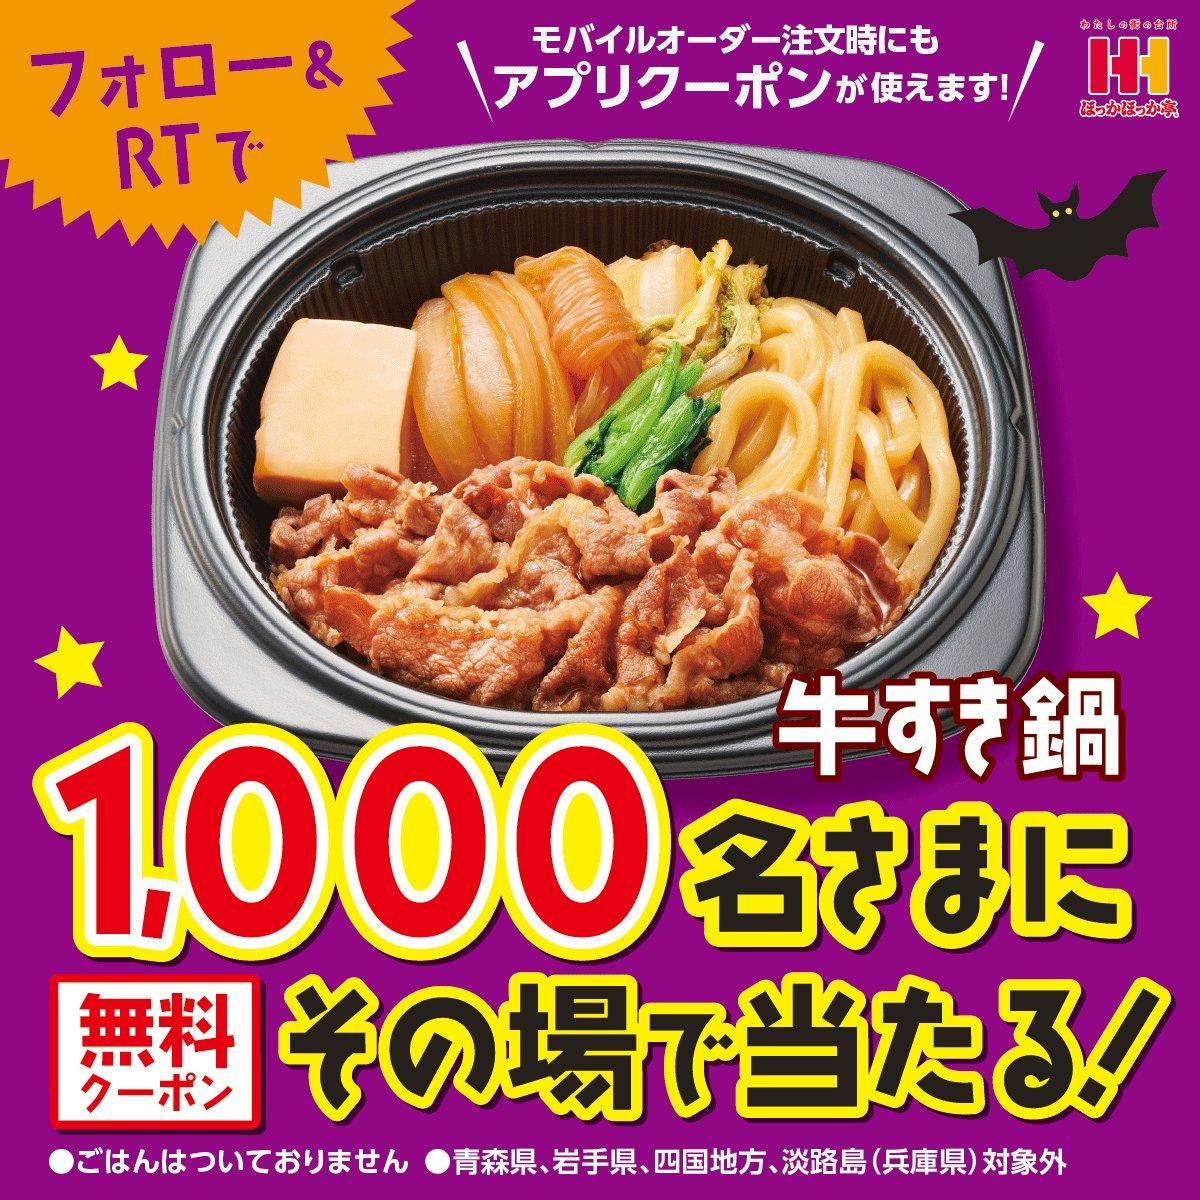 【ほっかほっか亭公式】🐂牛すき鍋フォロー&RTキャンペーン中‼✨様が開催中のキャンペーン画像12417